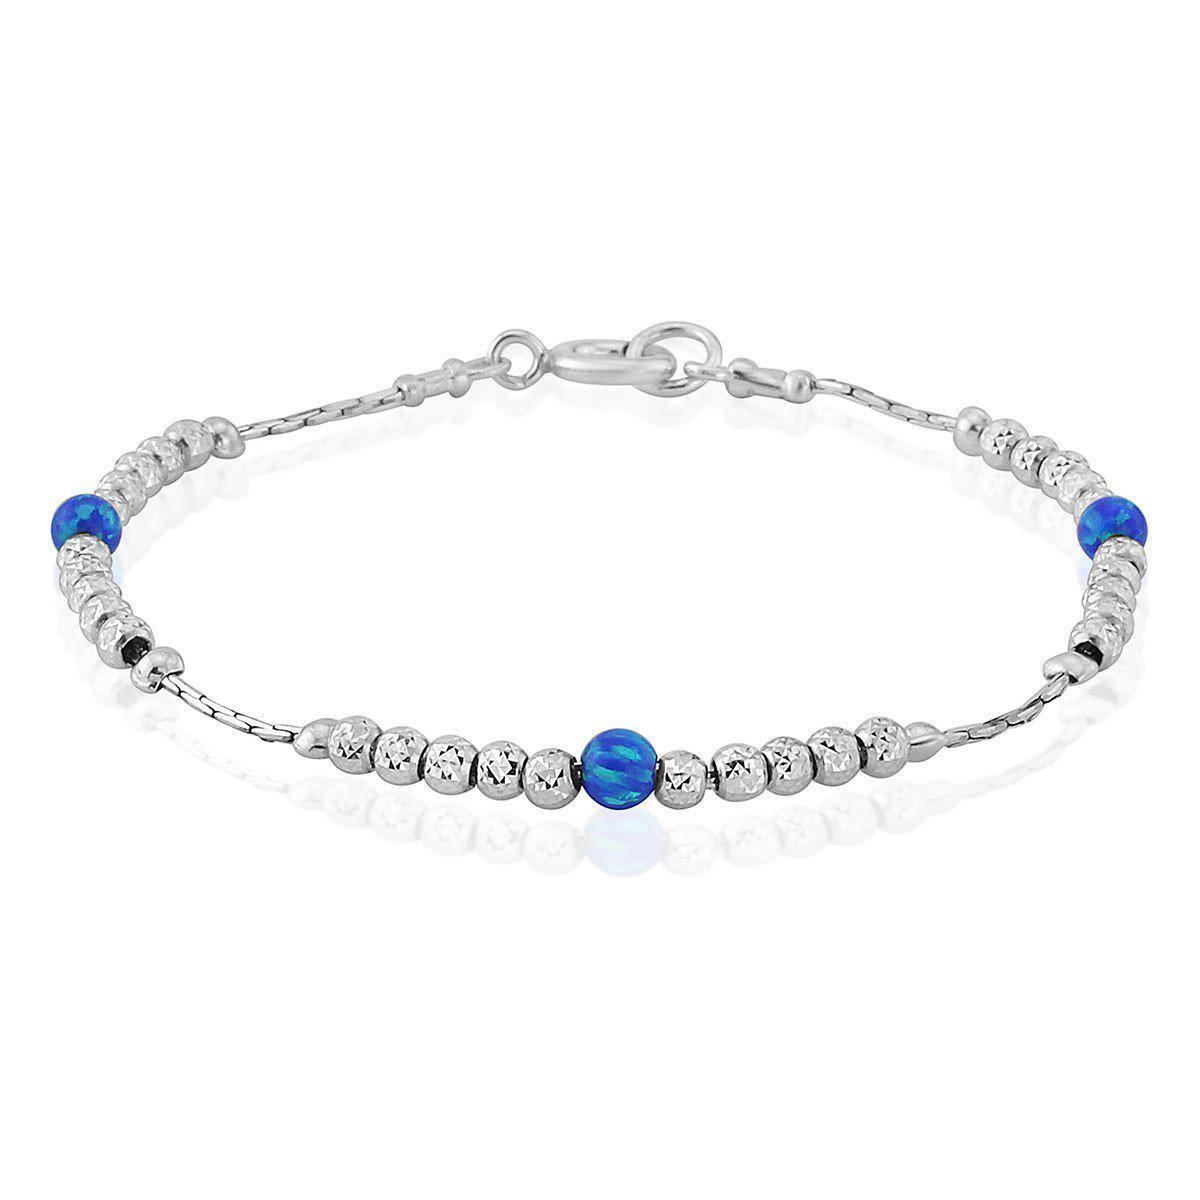 Lavan Sterling Silver & Blue Opal Bracelet - Medium oR3dBmZP9